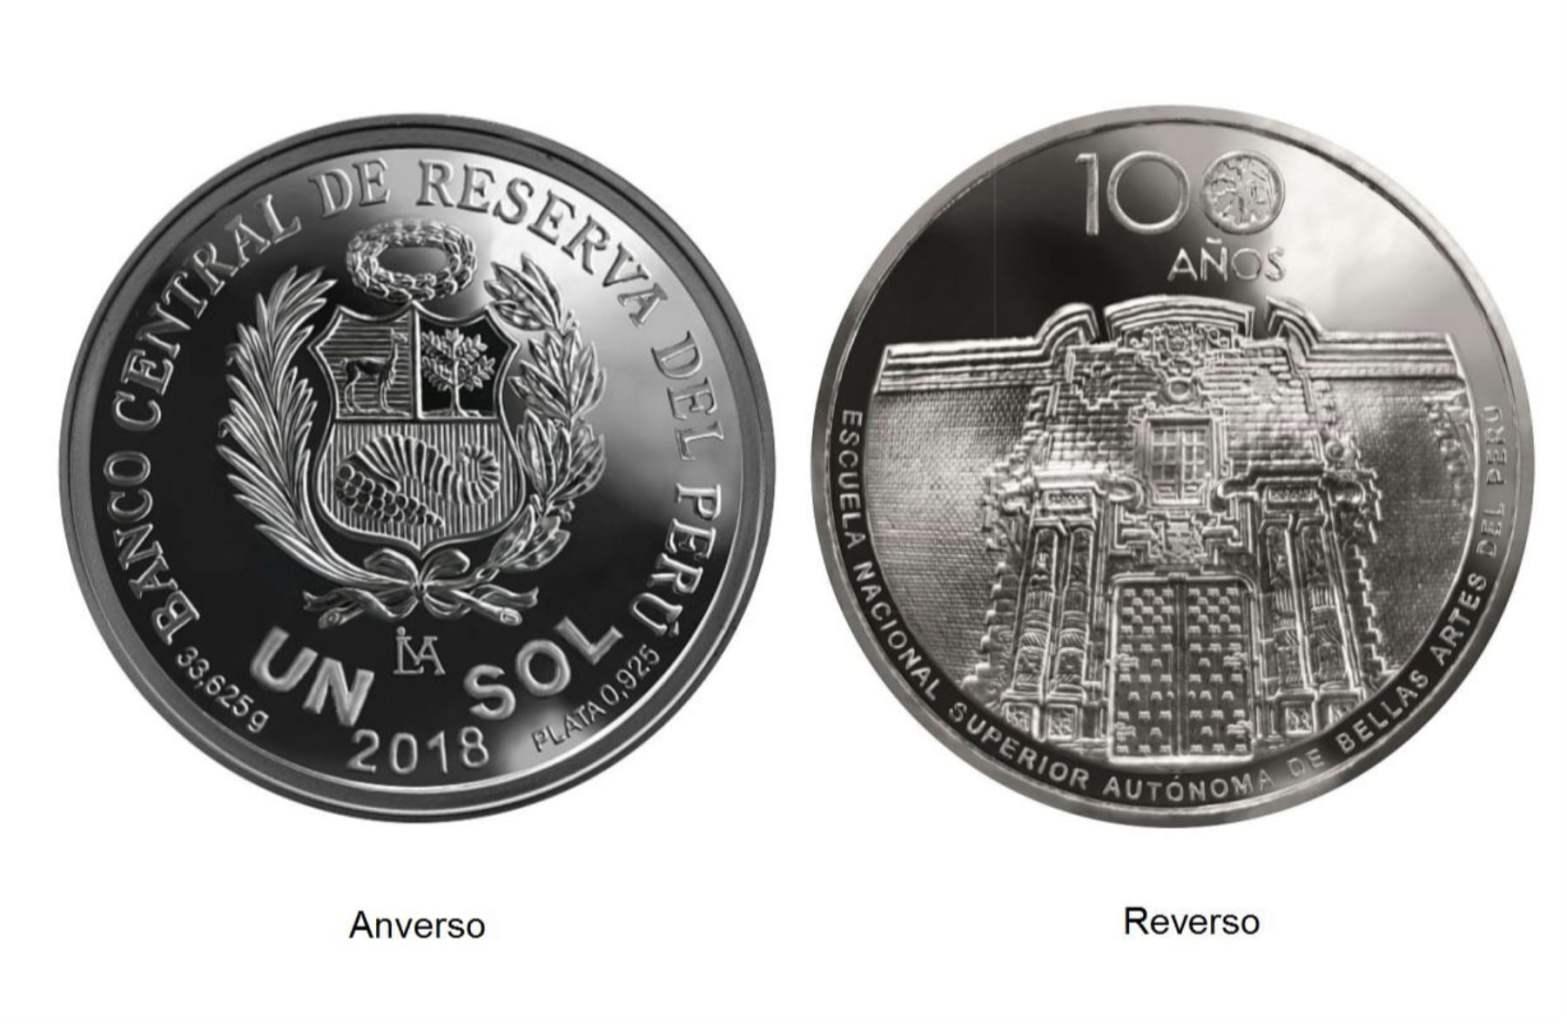 Nueva moneda conmemorativa de Bellas Artes